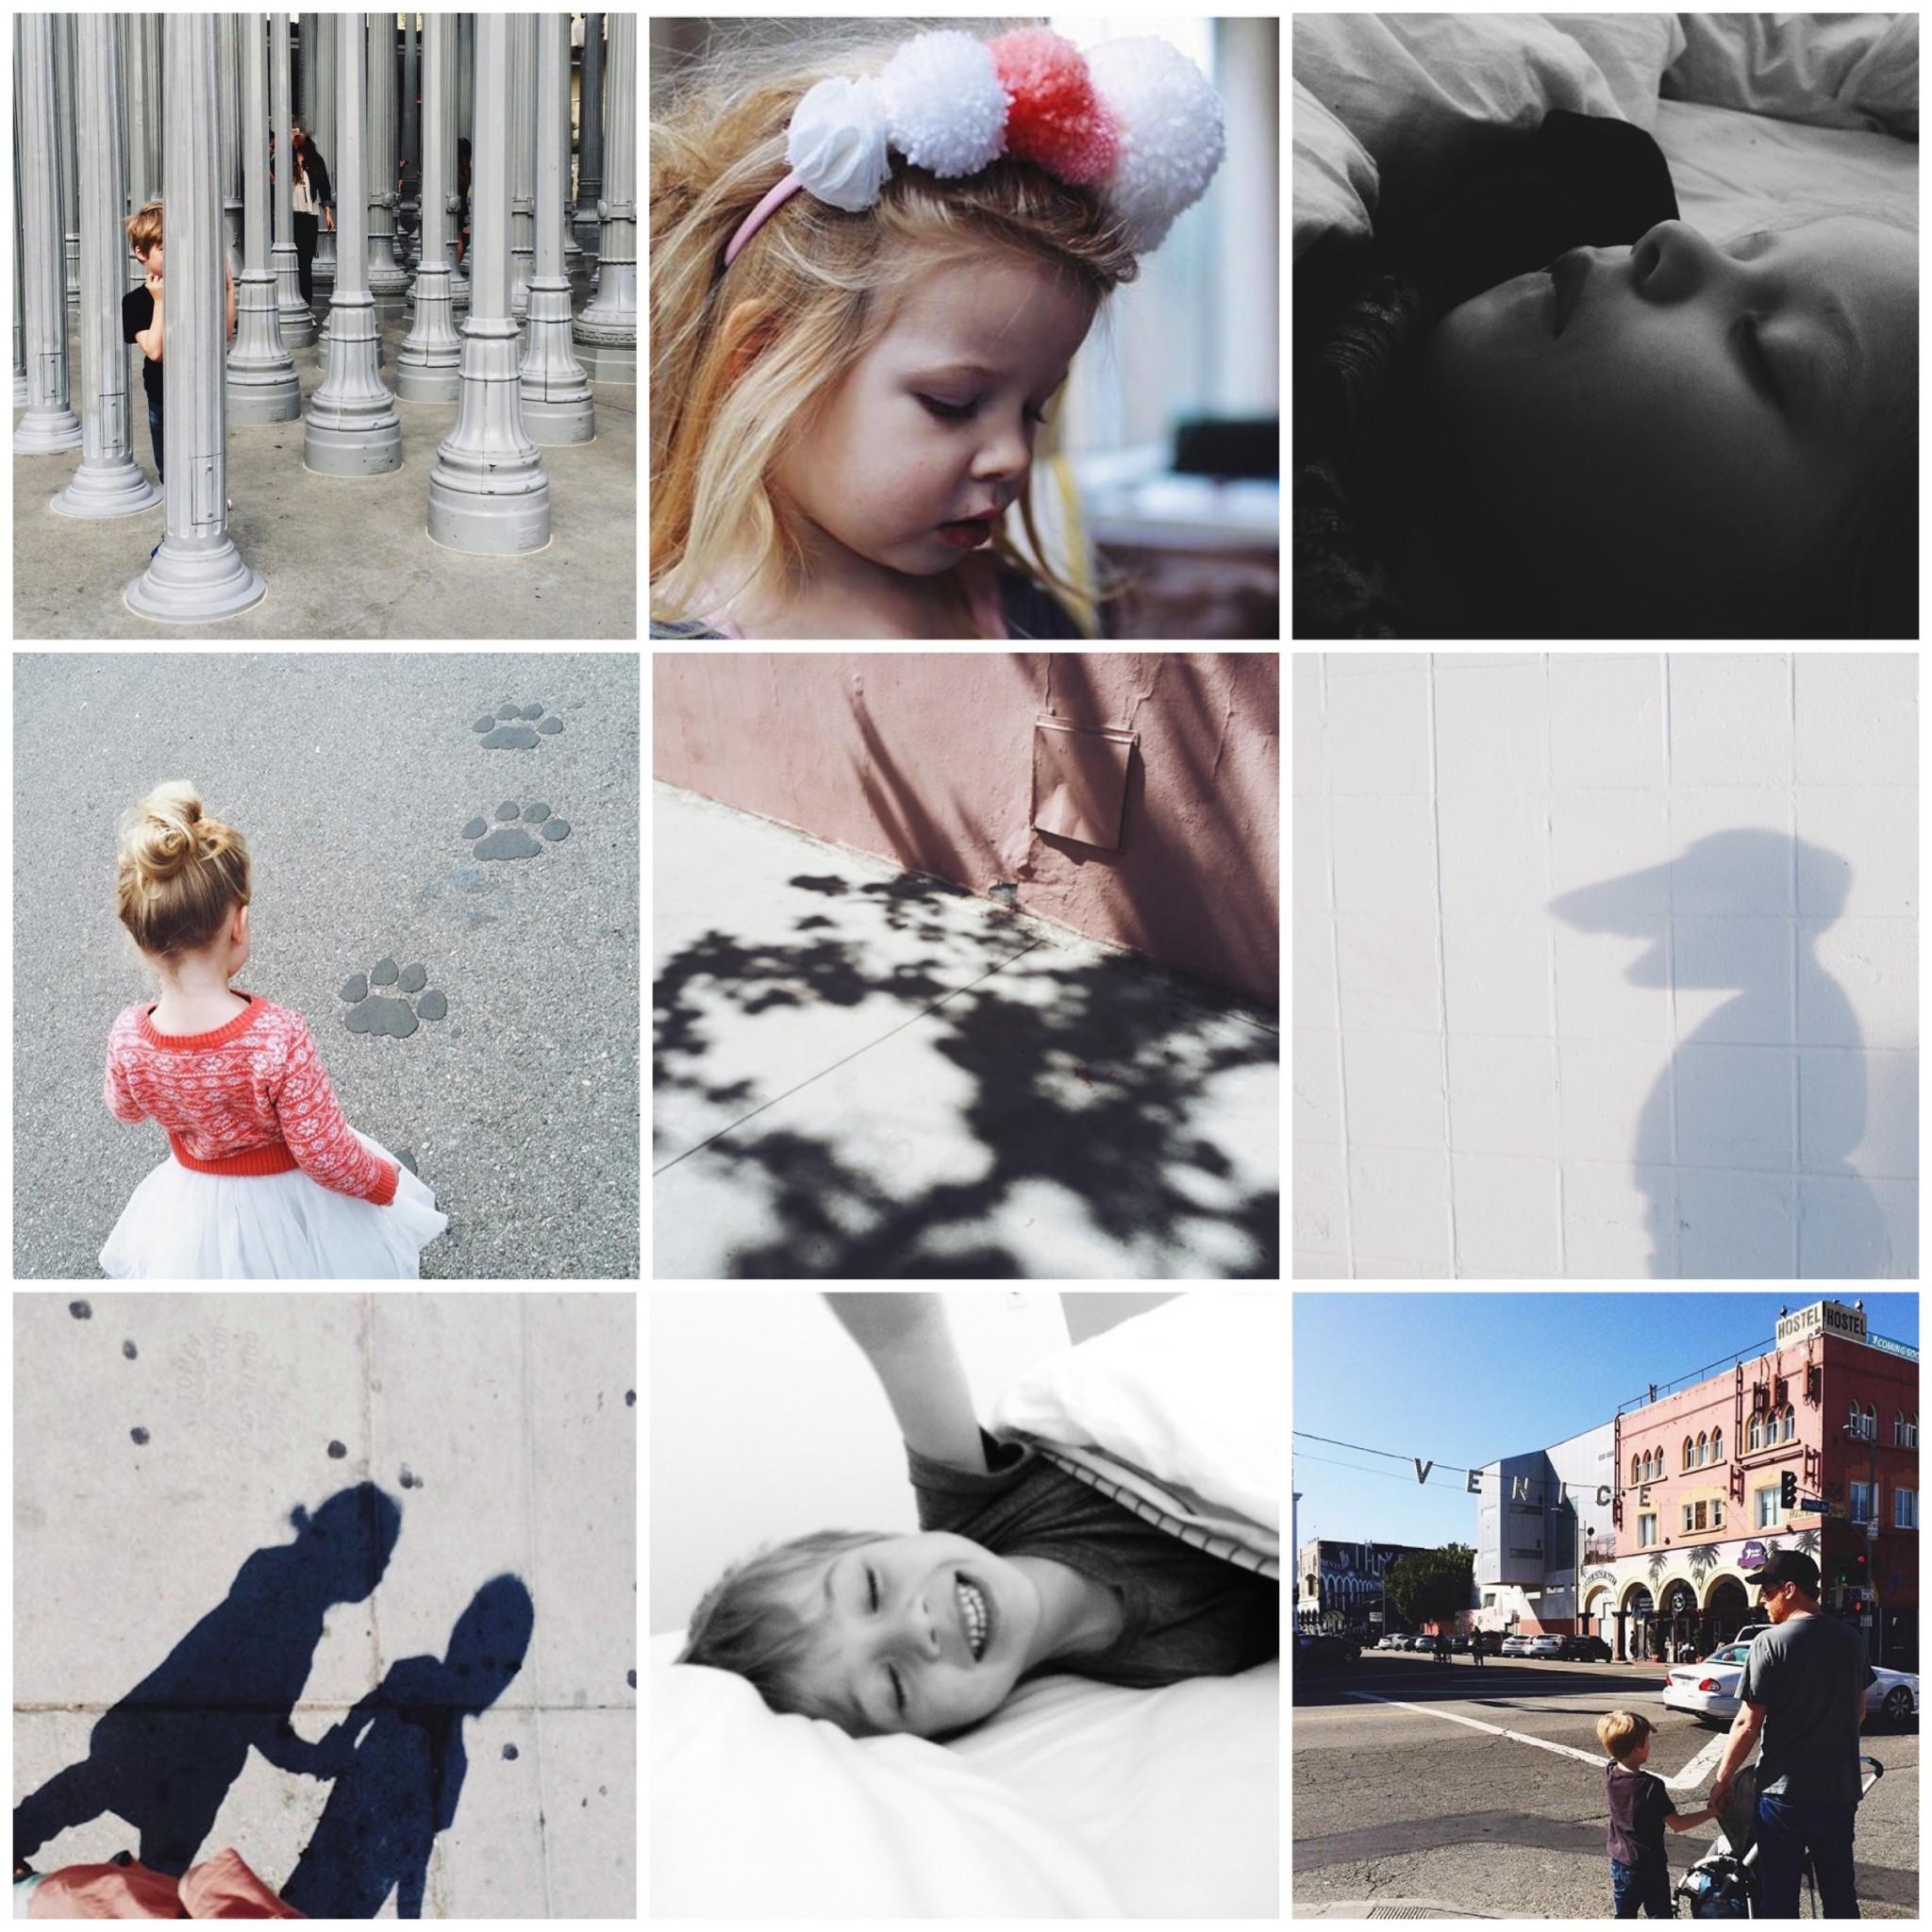 January 2016 on Instagram @madebylon